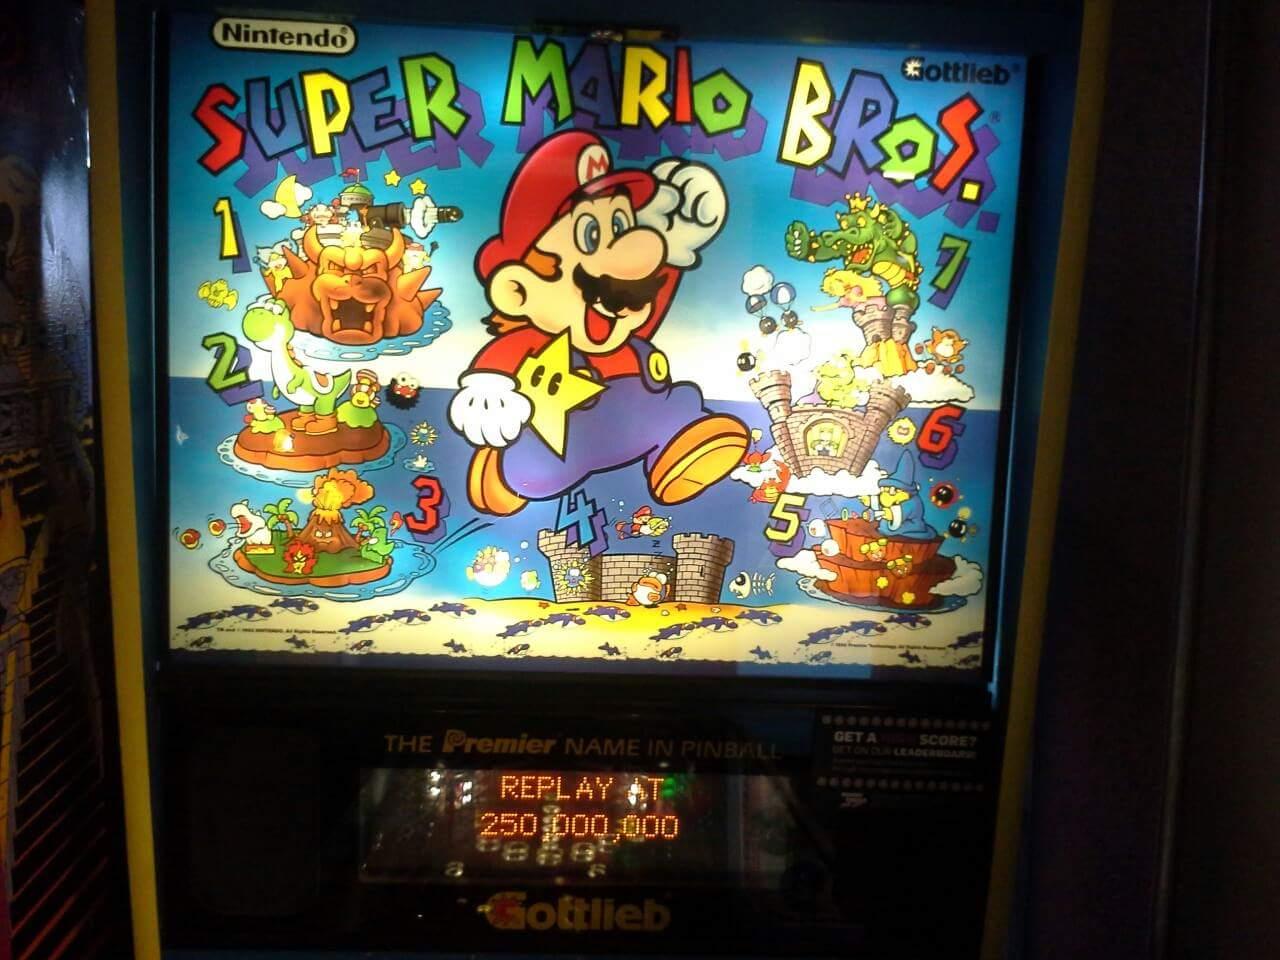 Super Mario Bros. 3,761,900 points